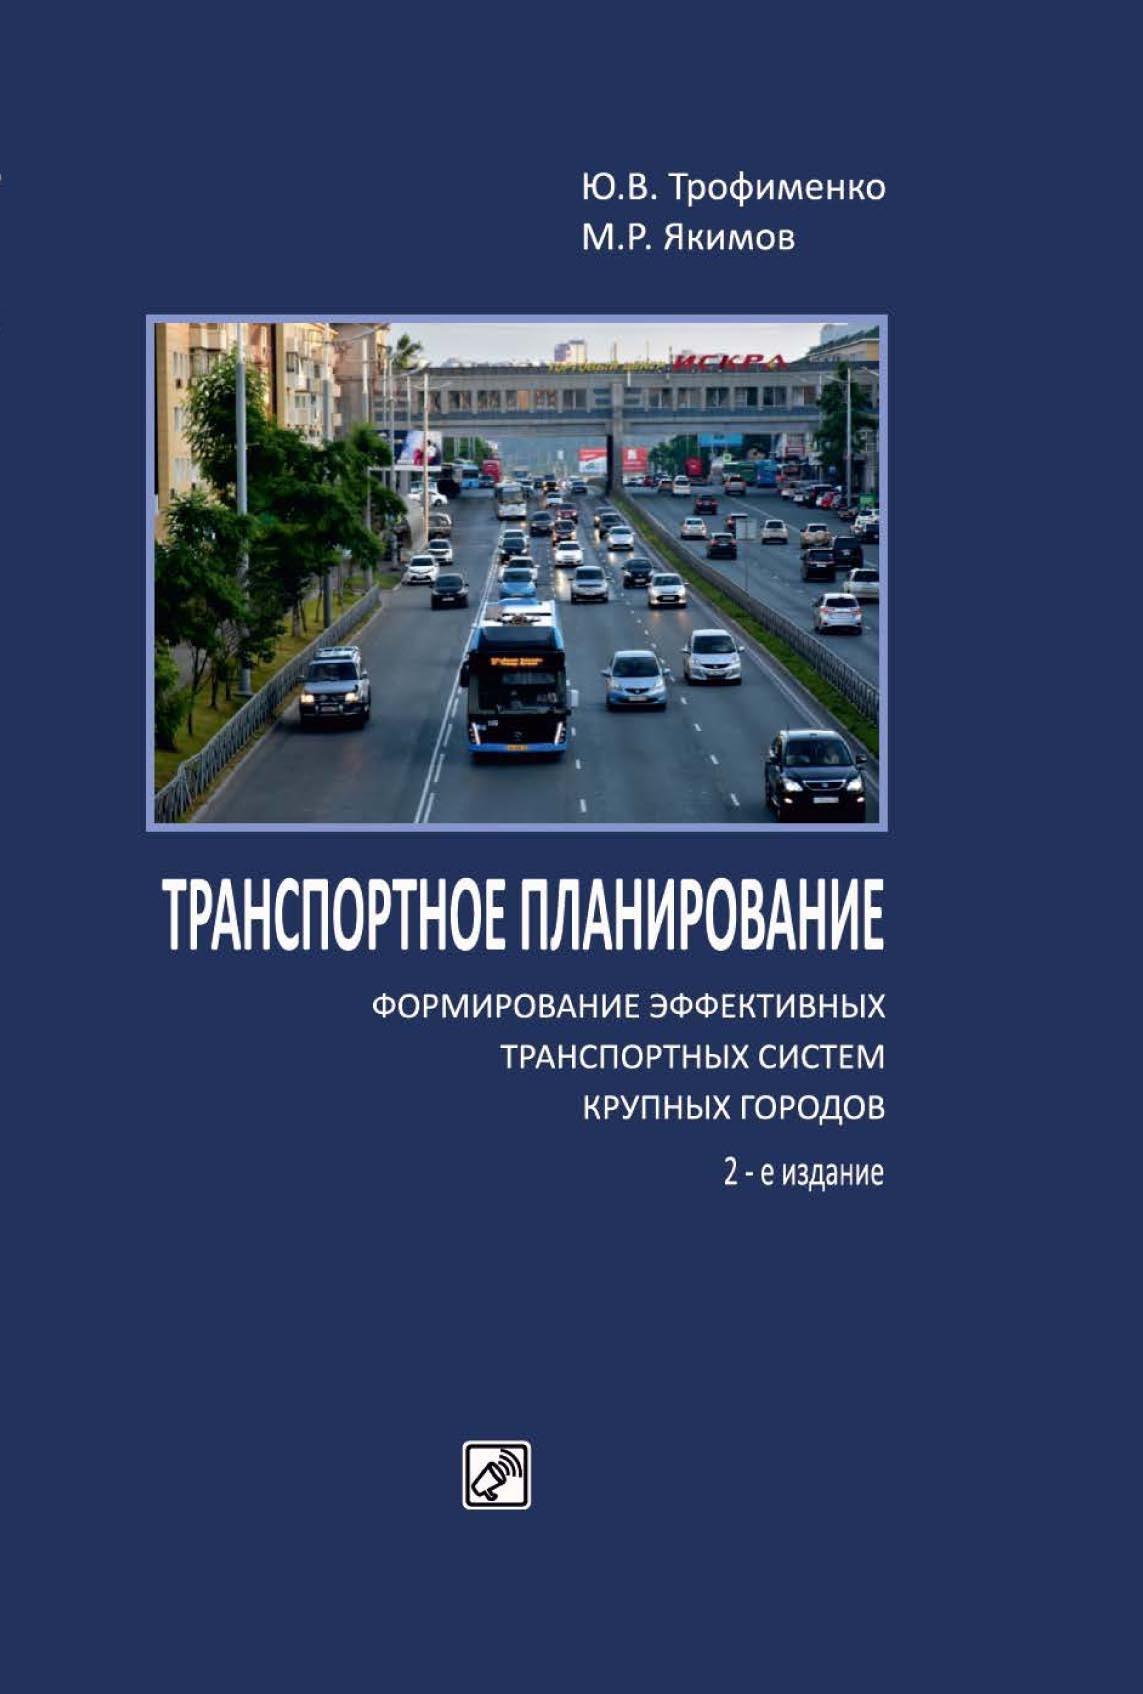 Михаил Якимов Транспортное планирование: формирование эффективных транспортных систем крупных городов несбё ю красношейка роман